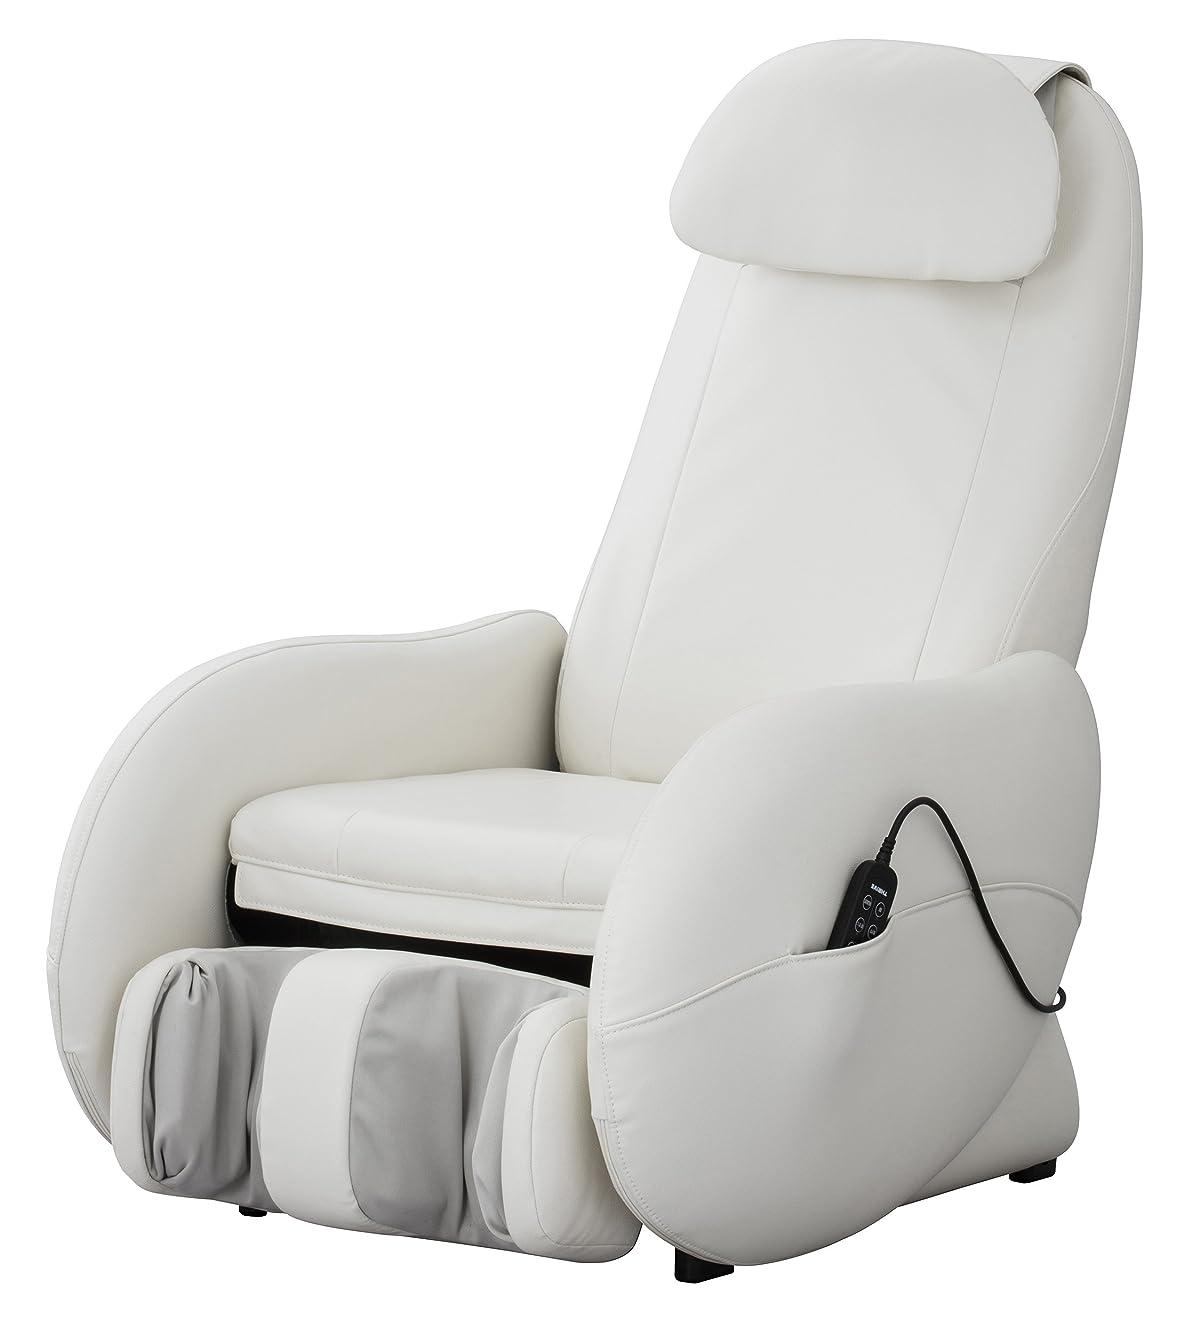 普通にホイストエミュレートするスライヴ くつろぎ指定席Light マッサージチェア CHD-3500-WH ホワイト 正規品 おしゃれ コンパクト 小型